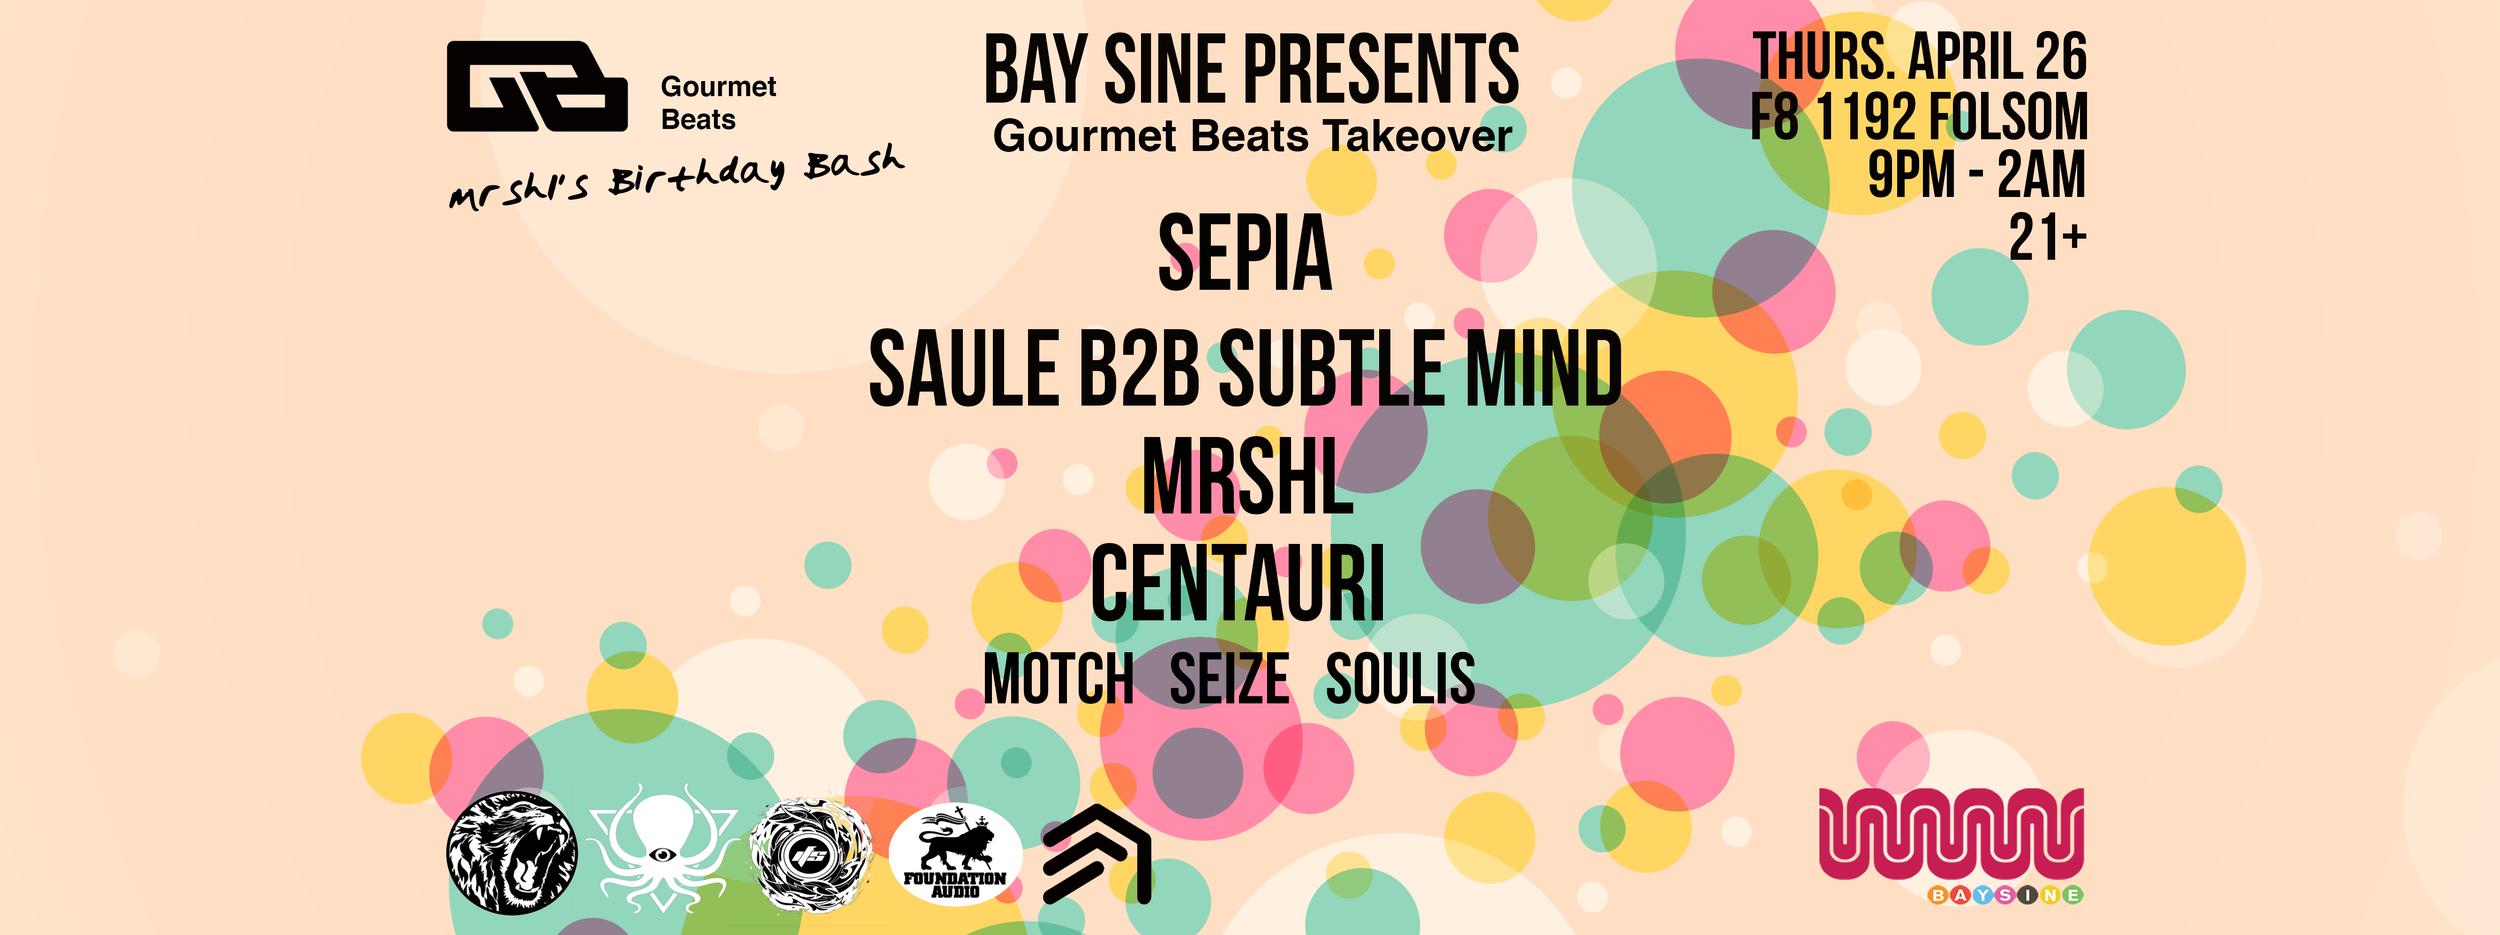 sepia - saule b2b subtle mind cover photo.png